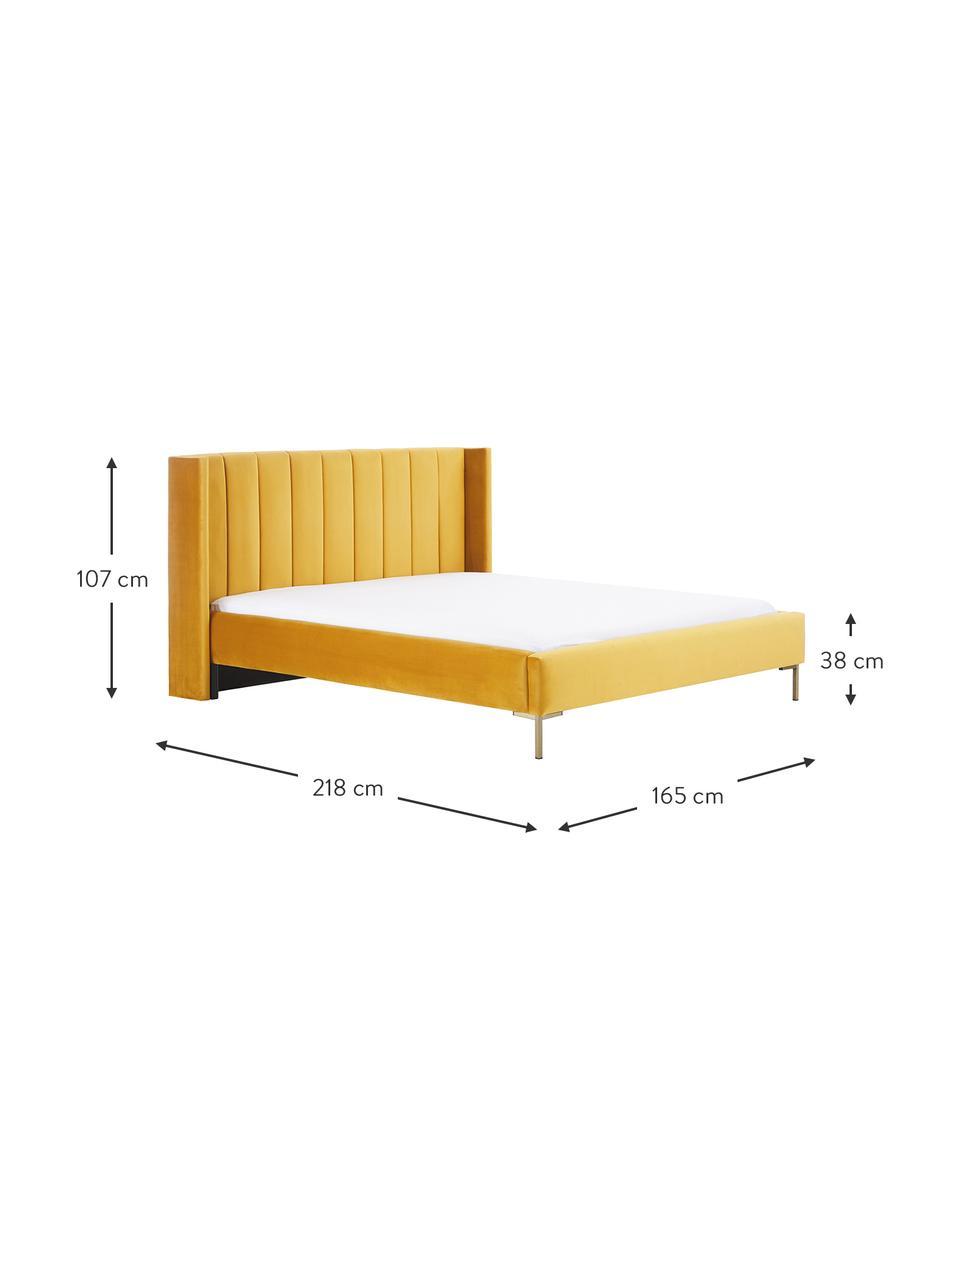 Samt-Polsterbett Dusk in Gelb, Korpus: Massives Kiefernholz und , Bezug: Polyestersamt, 320 g/m² D, Füße: Metall, pulverbeschichtet, Samt Gelb, 200 x 200 cm